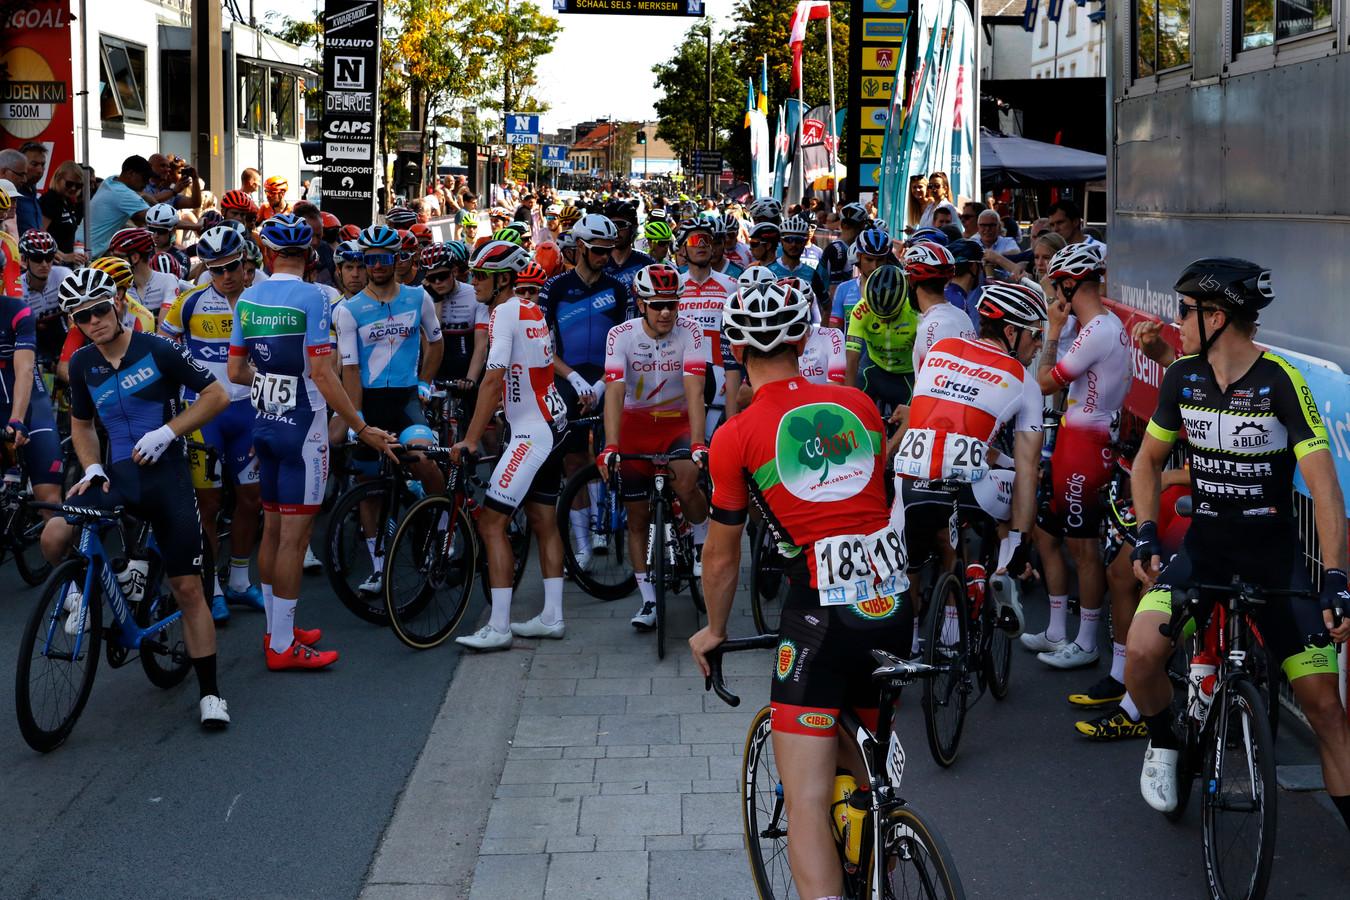 De renners zijn gestopt om de het parcours niet veilig is.